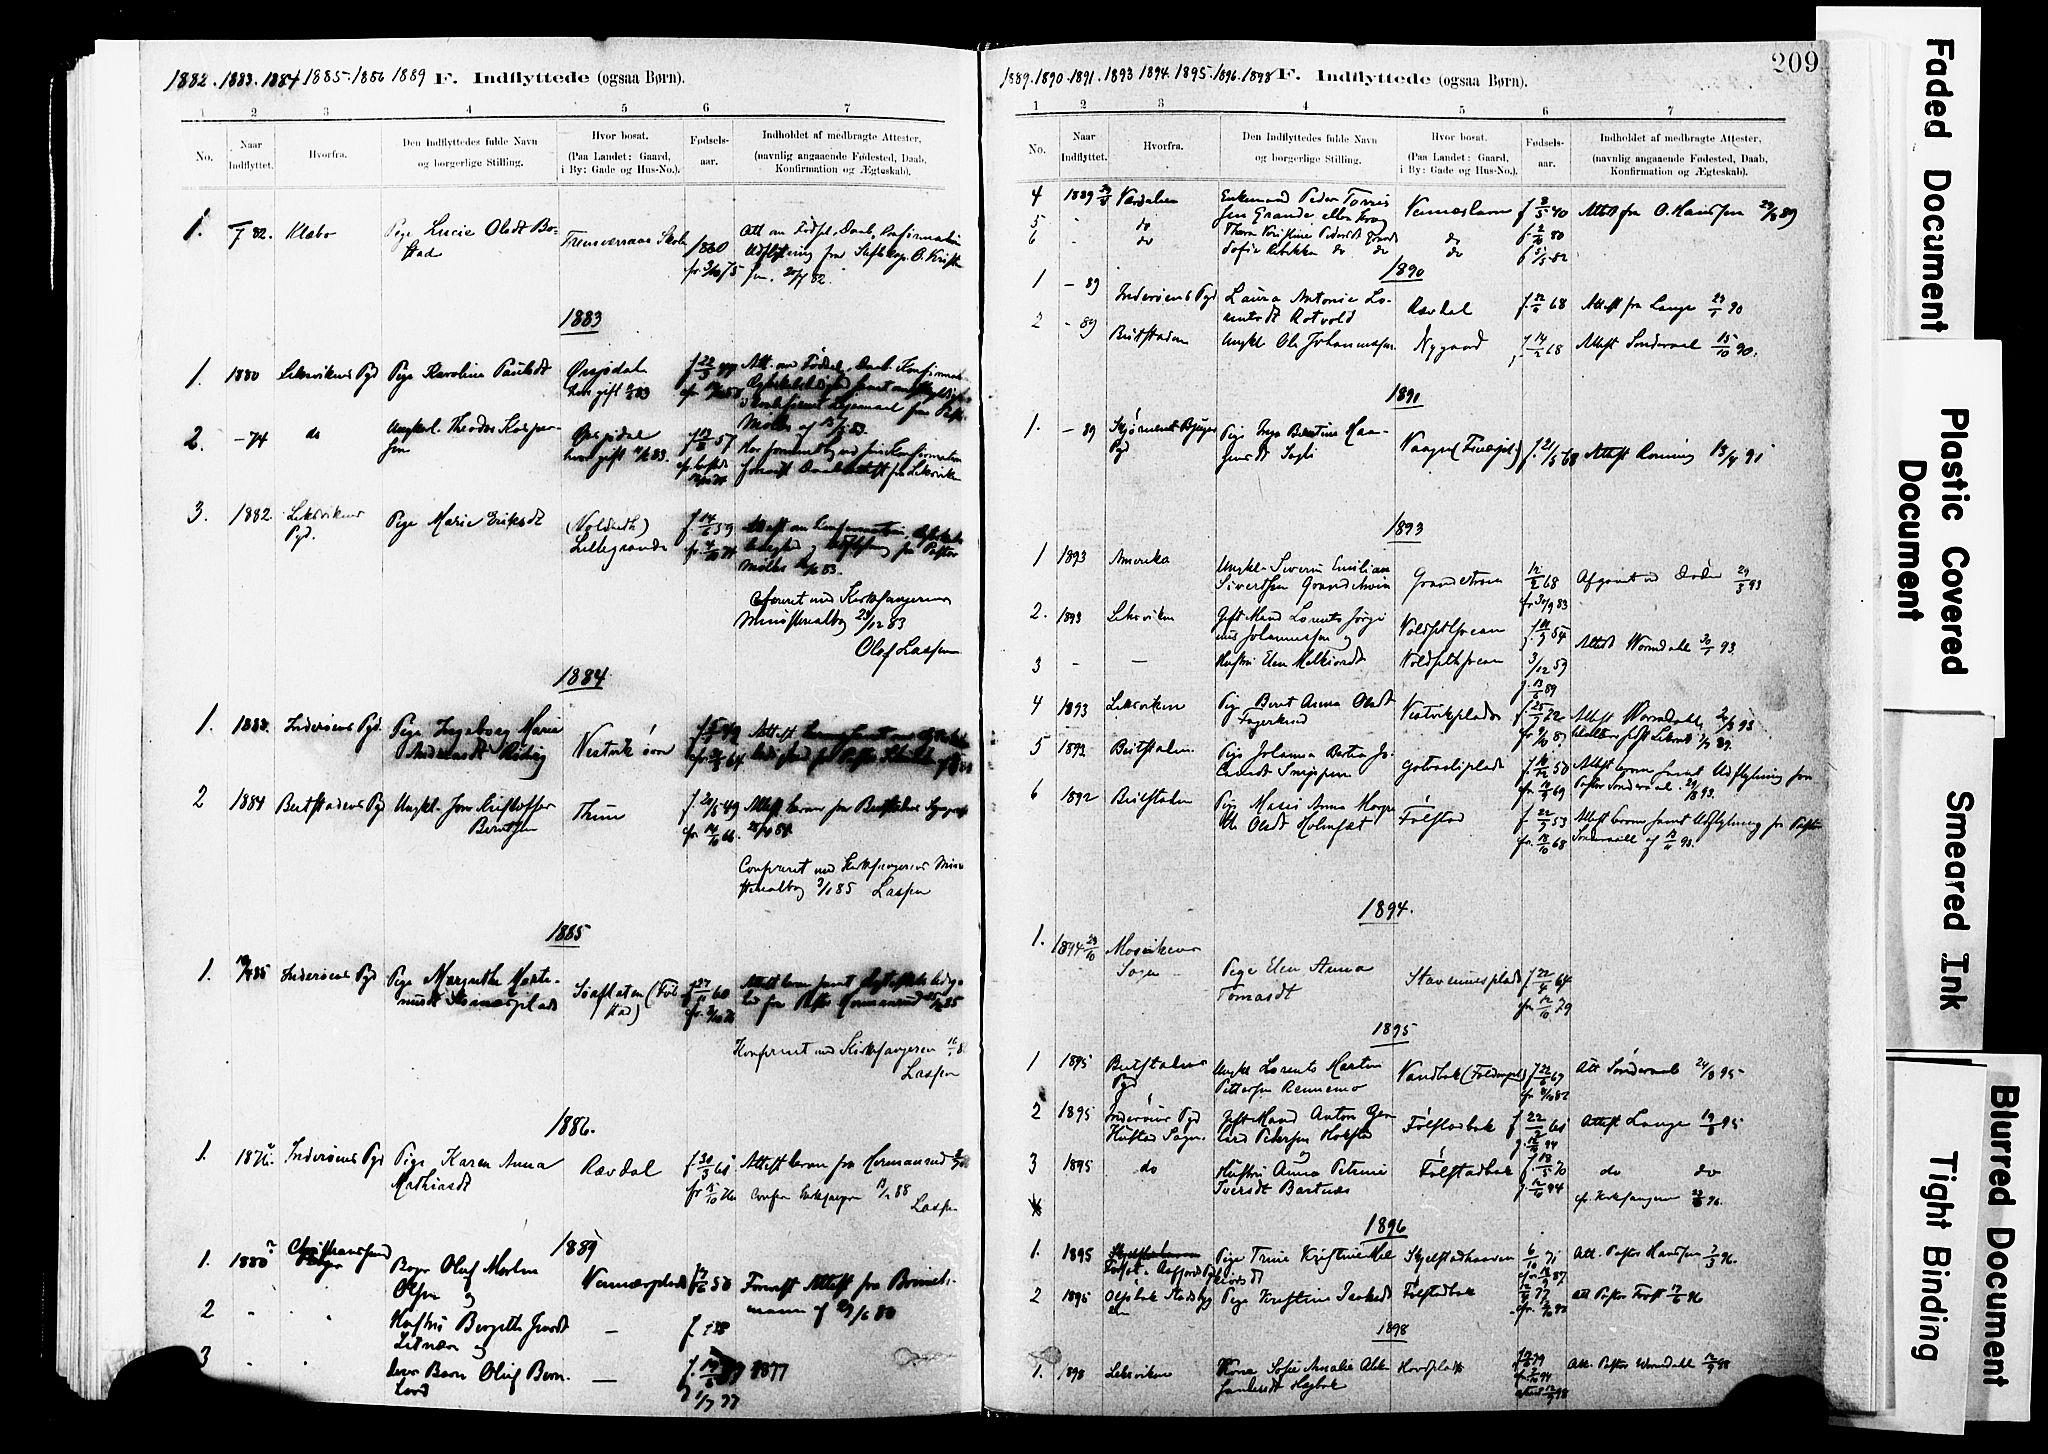 SAT, Ministerialprotokoller, klokkerbøker og fødselsregistre - Nord-Trøndelag, 744/L0420: Ministerialbok nr. 744A04, 1882-1904, s. 209